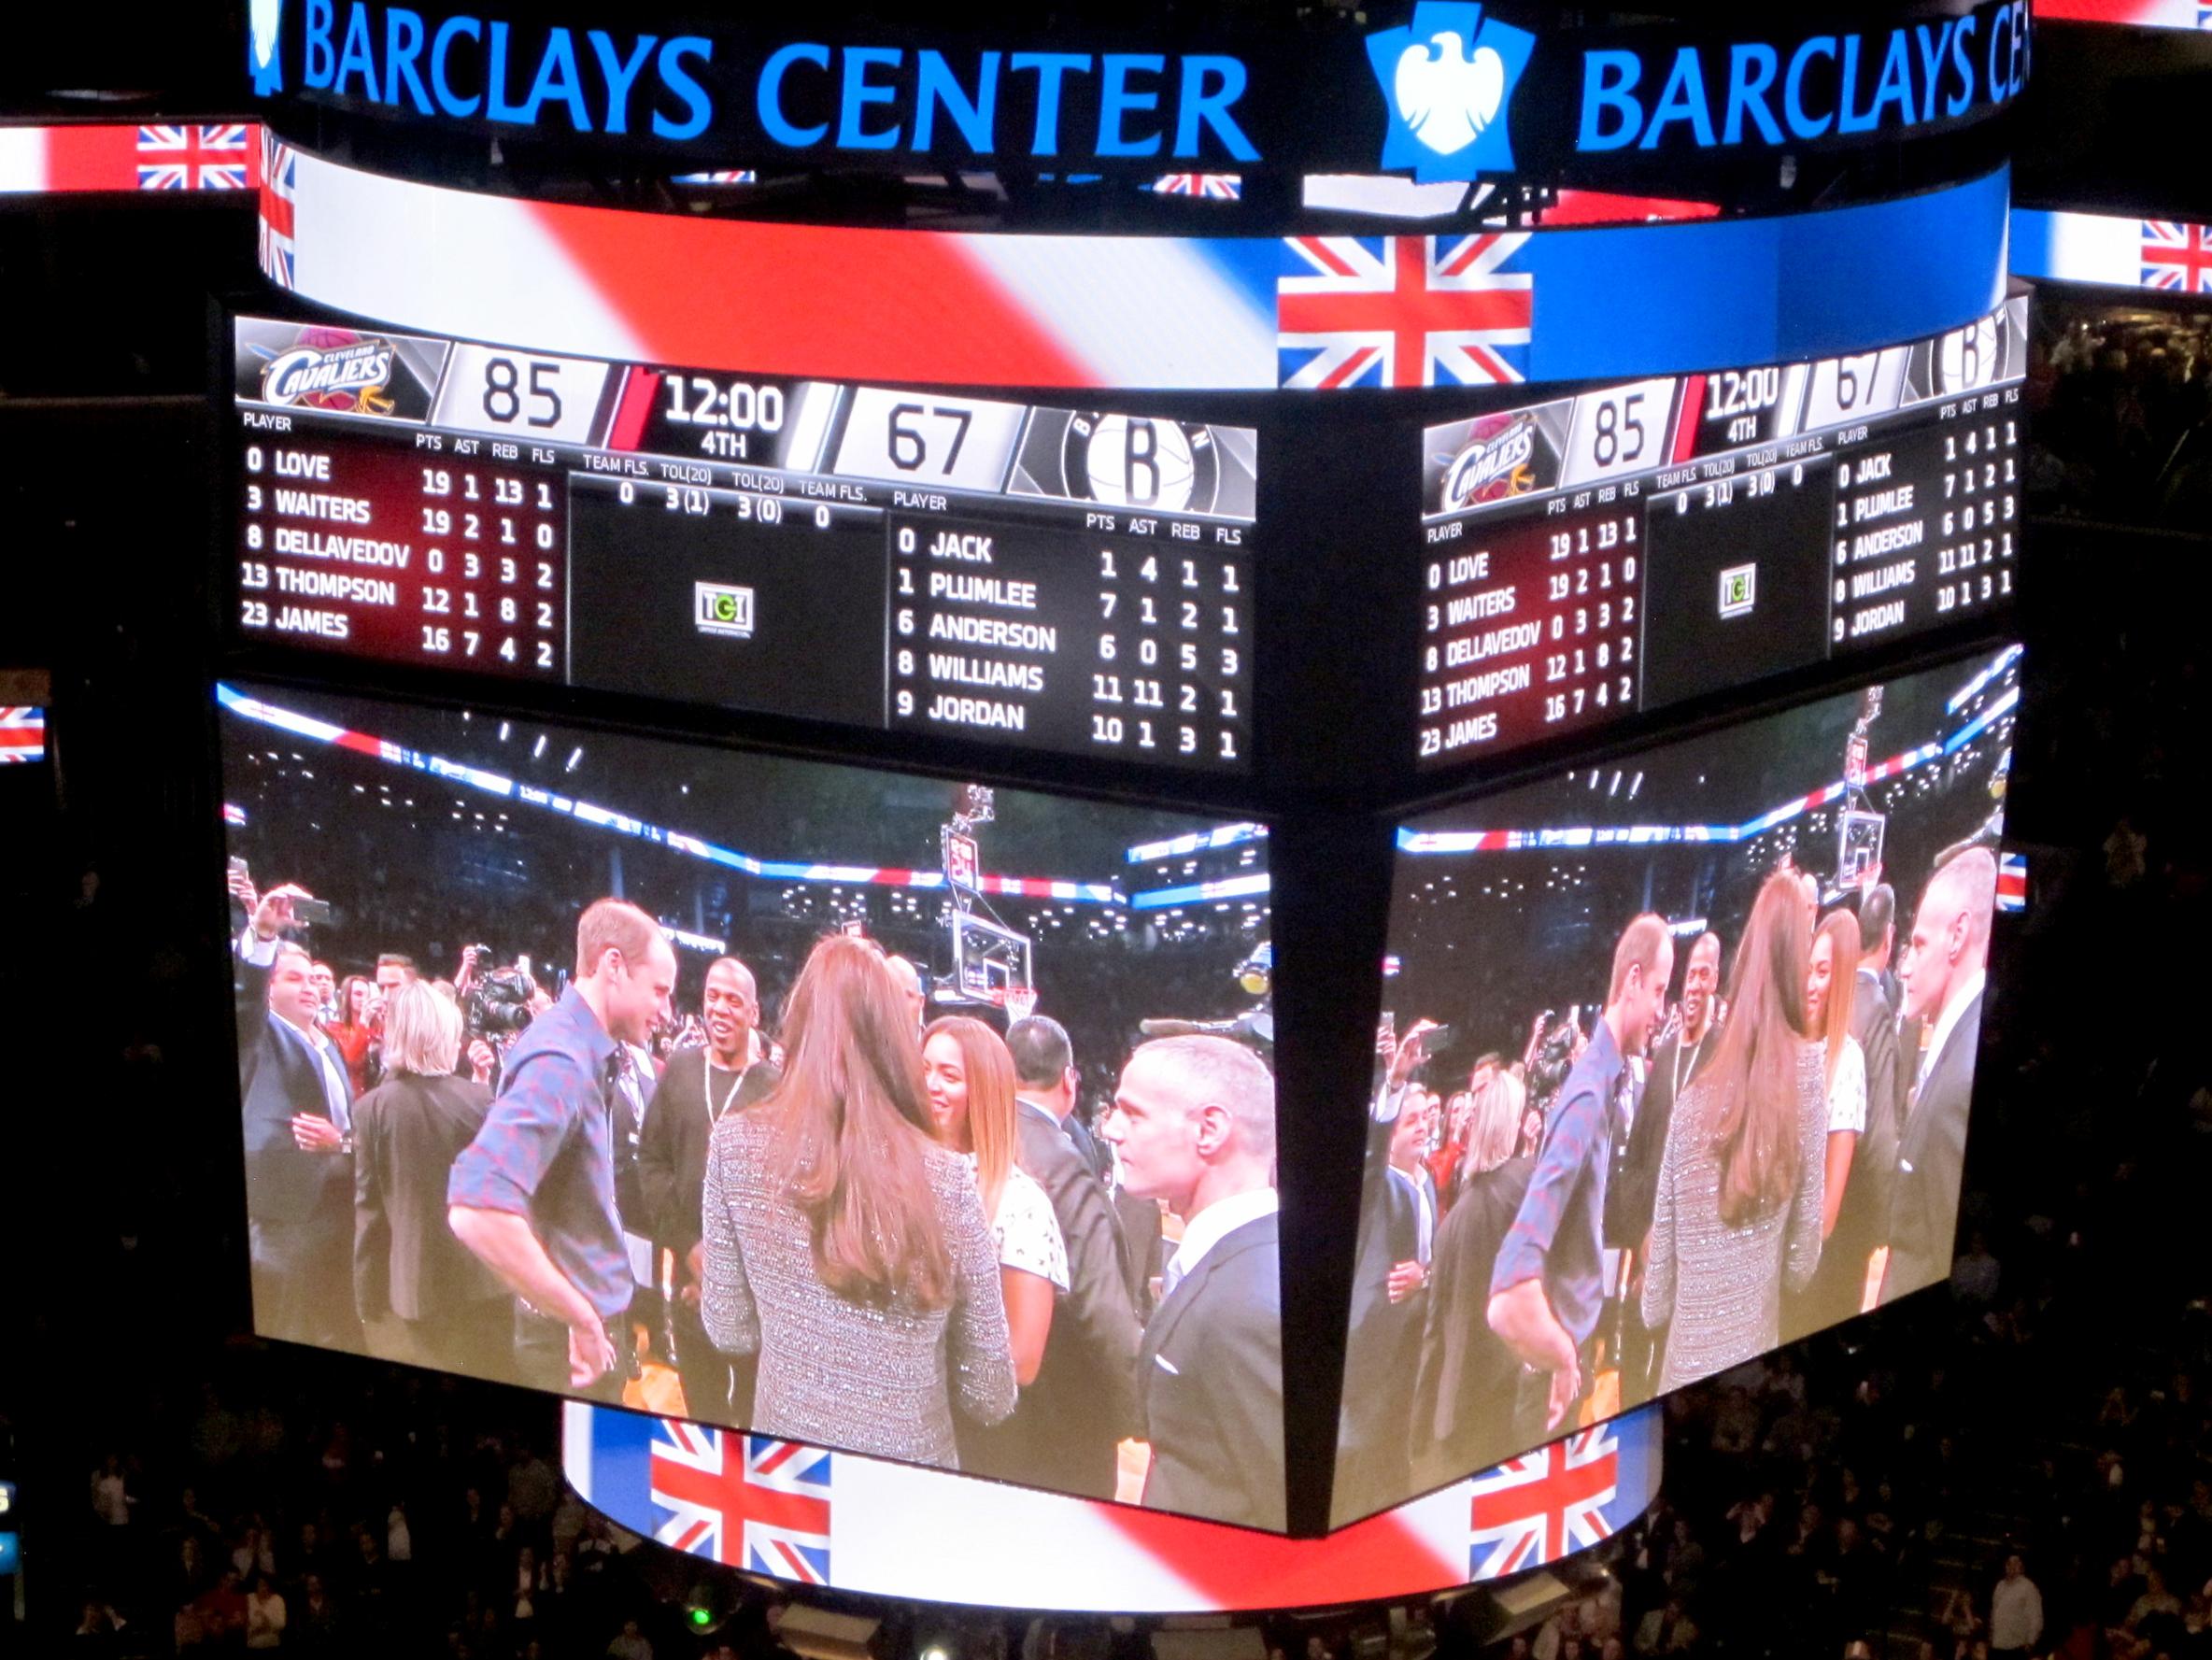 jogo-basquete-assistir-ny-new-york-nova-iorque-barclays-center-brooklyn-dicas-viagem-nets-william-kate-middleton-jayz-beyonce